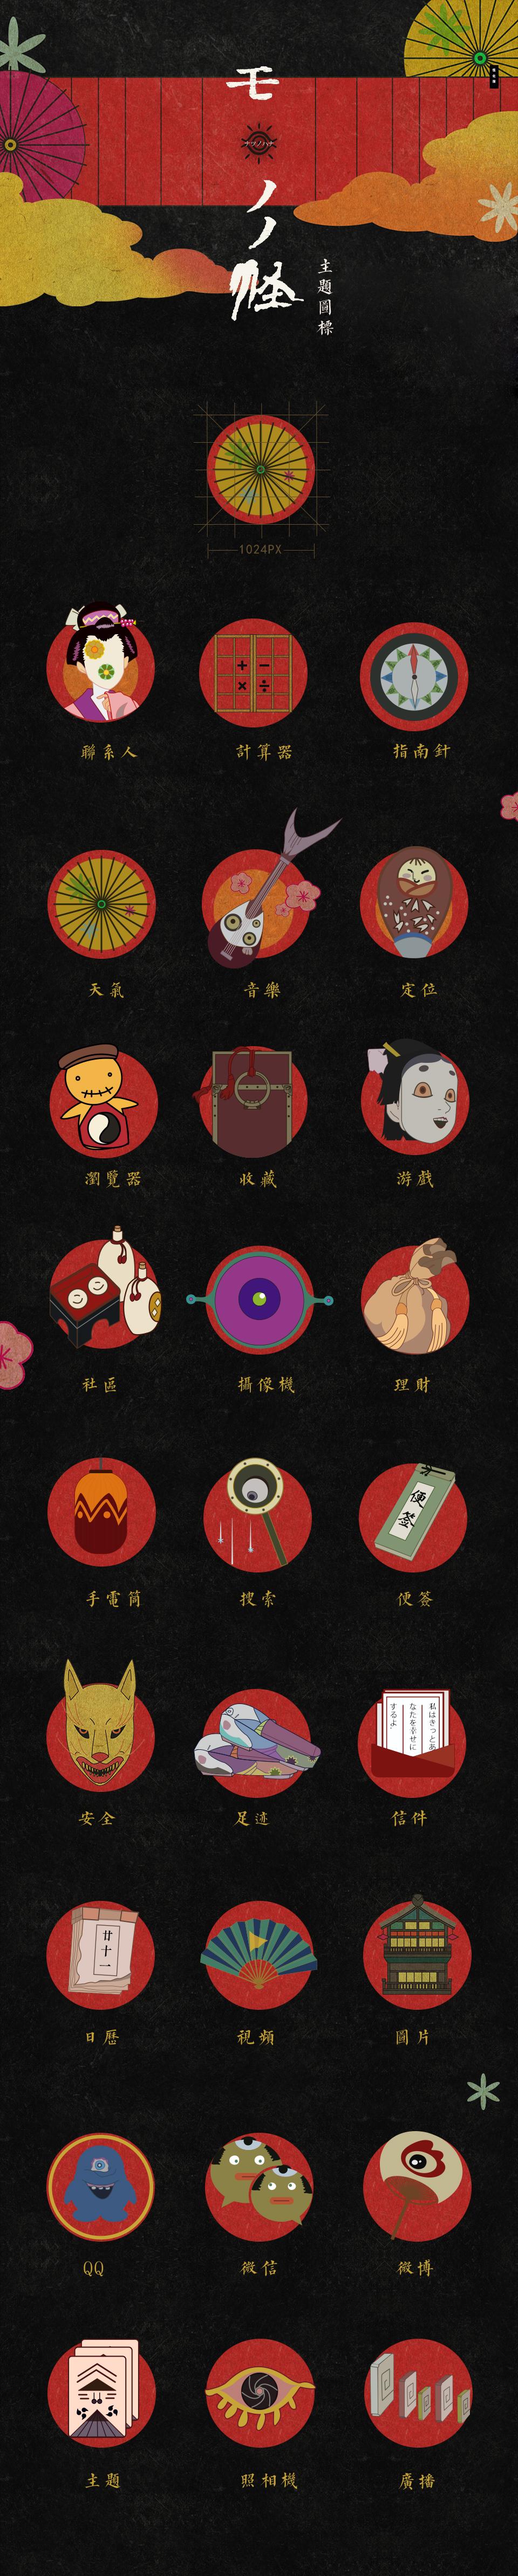 日本 icon 手绘